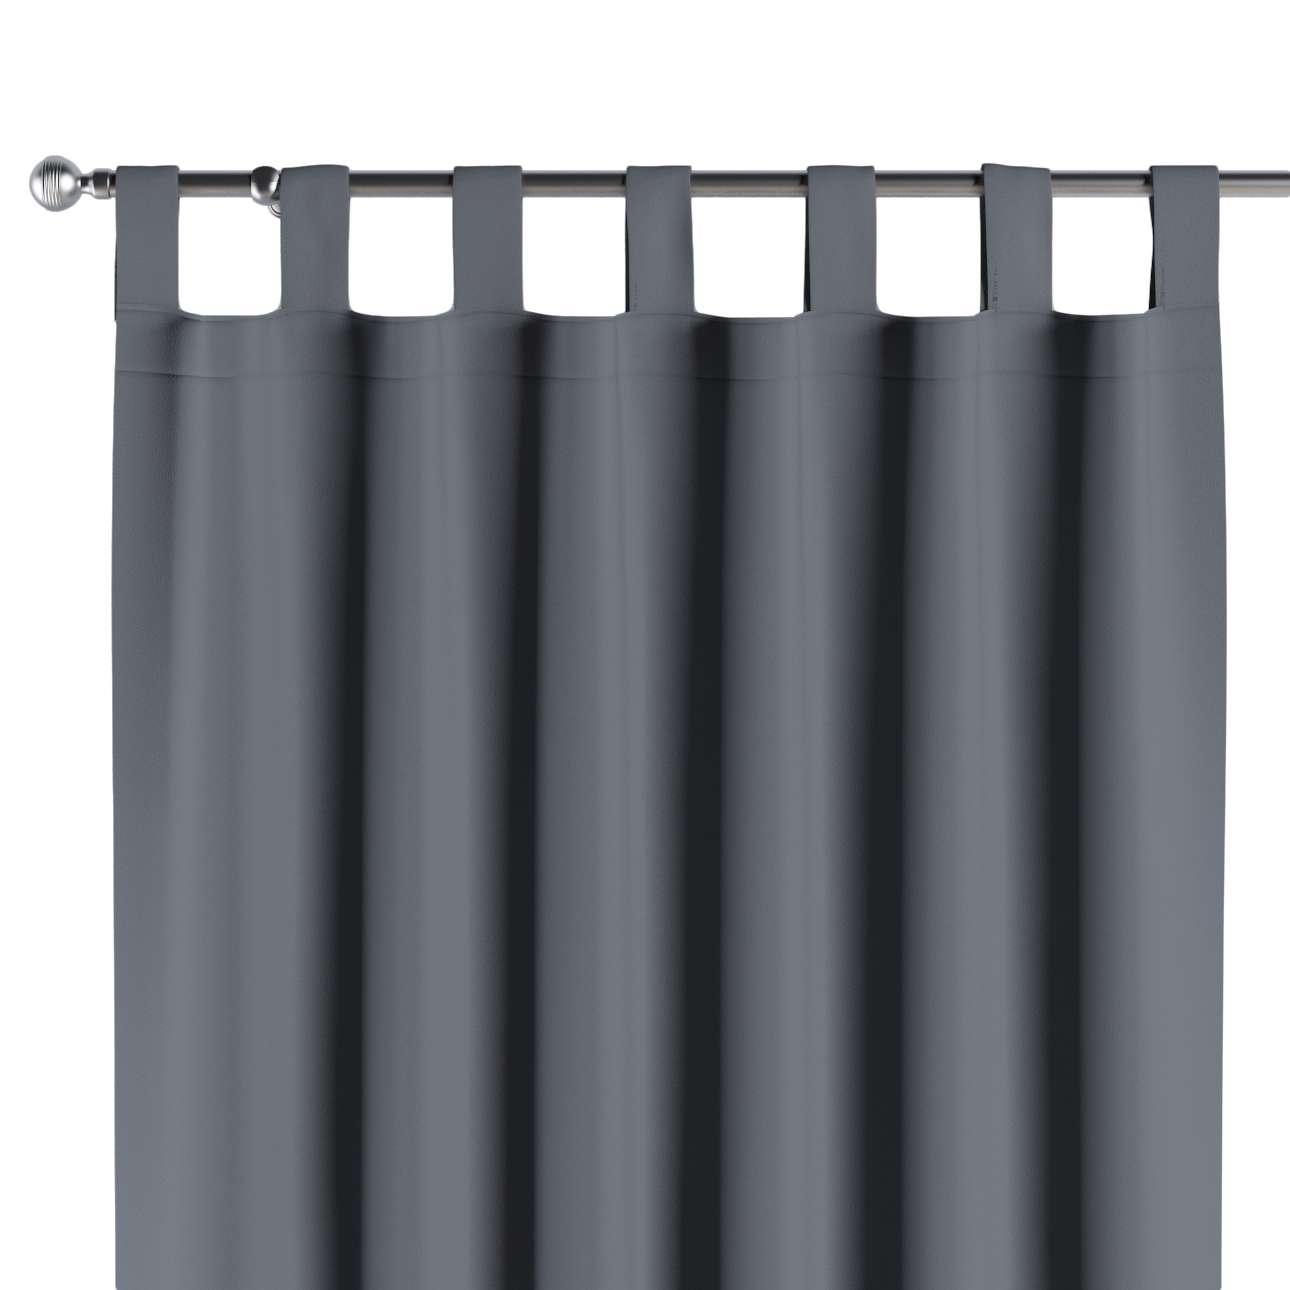 Kilpinio klostavimo užuolaidos (Blackout) kolekcijoje Blackout, audinys: 269-76